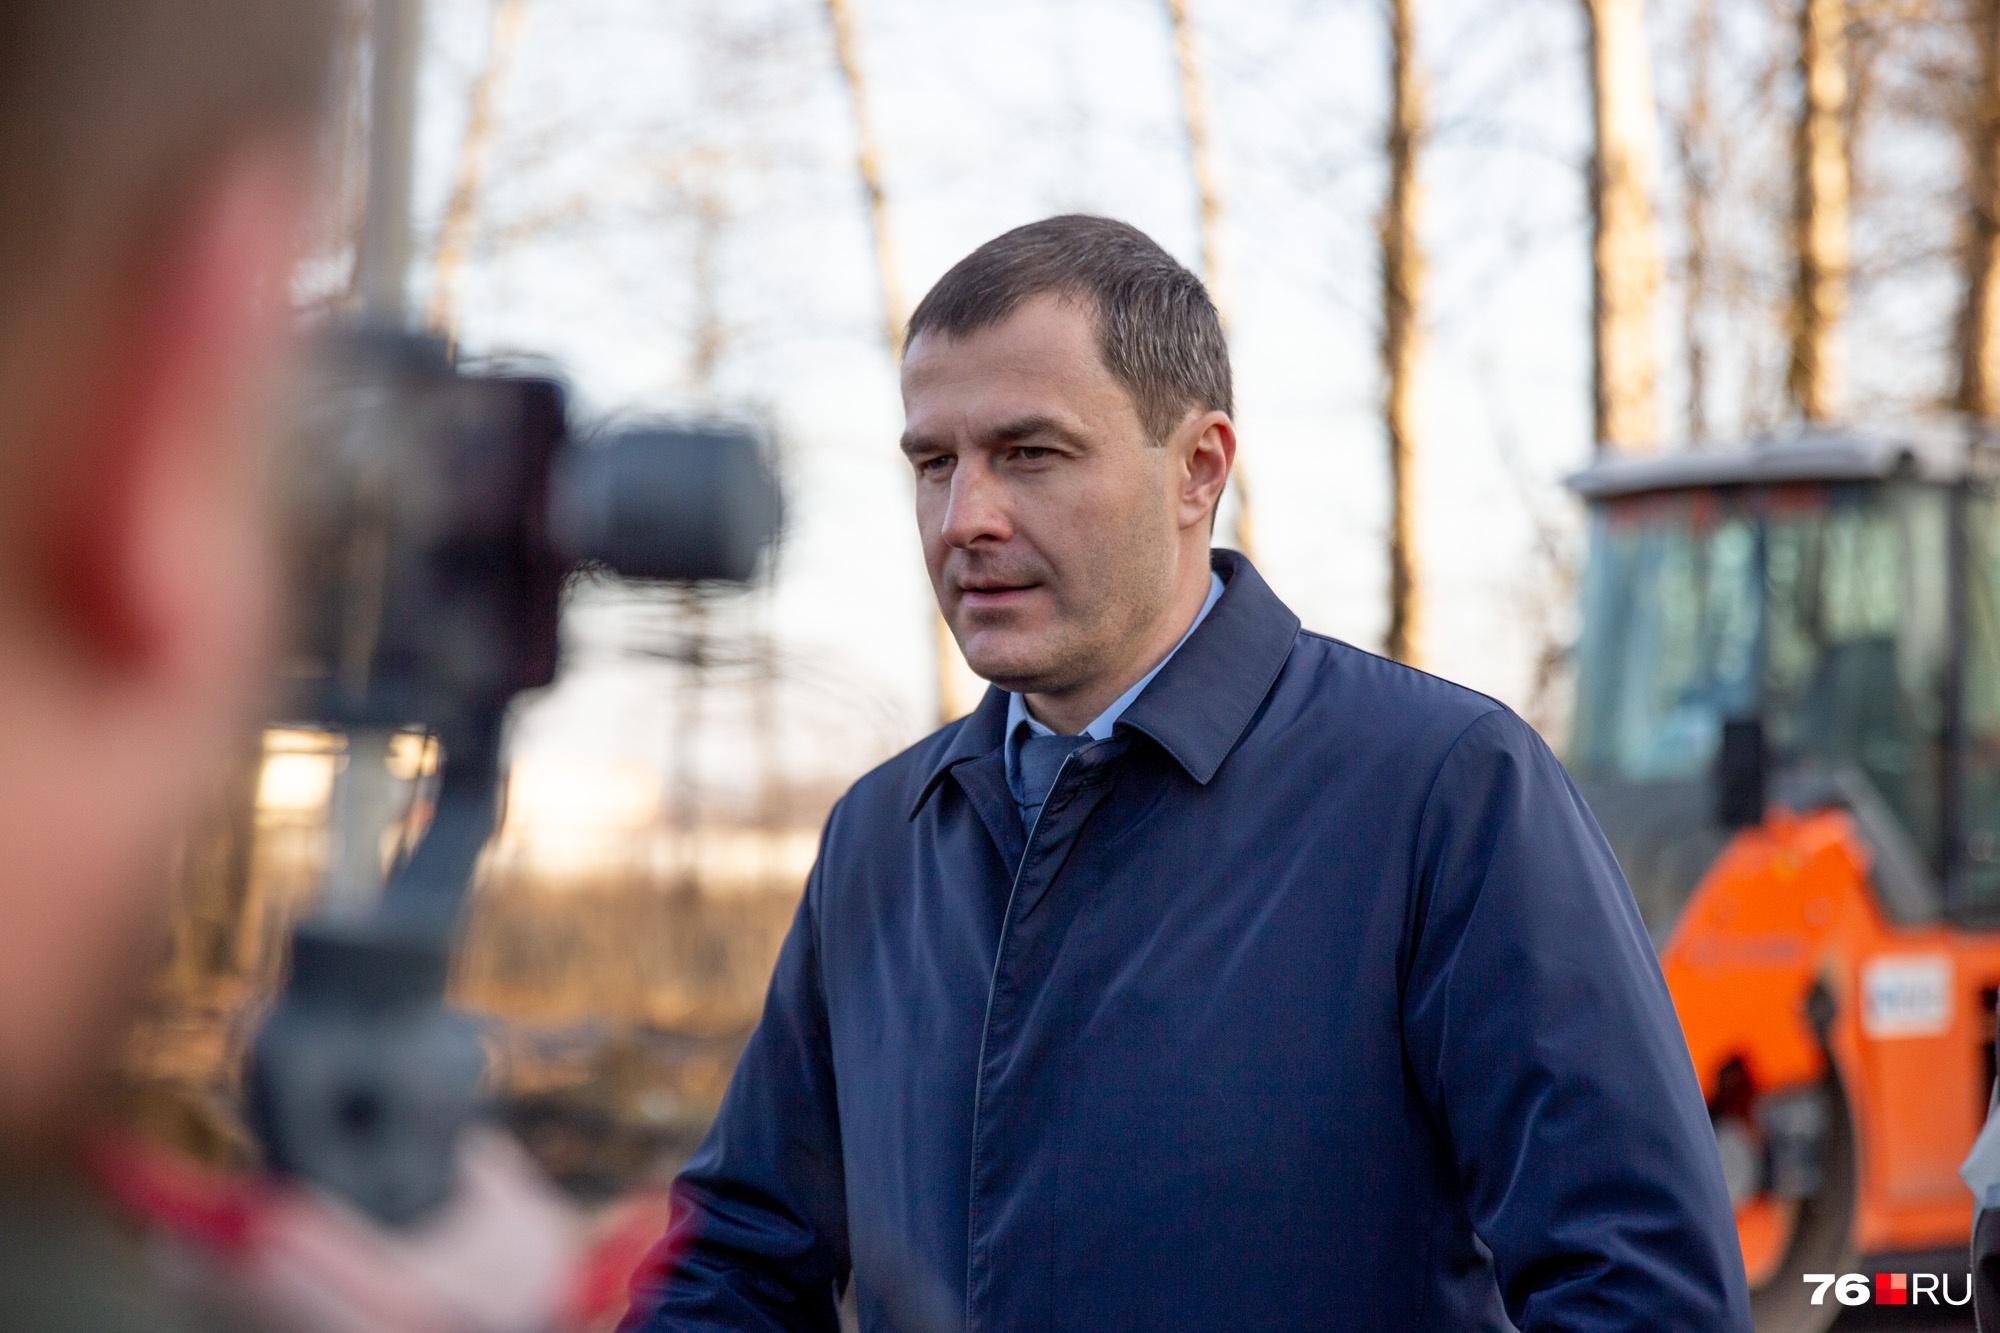 Владимир Волков не оплачивал коммуналку за квартиру в подмосковных Люберцах